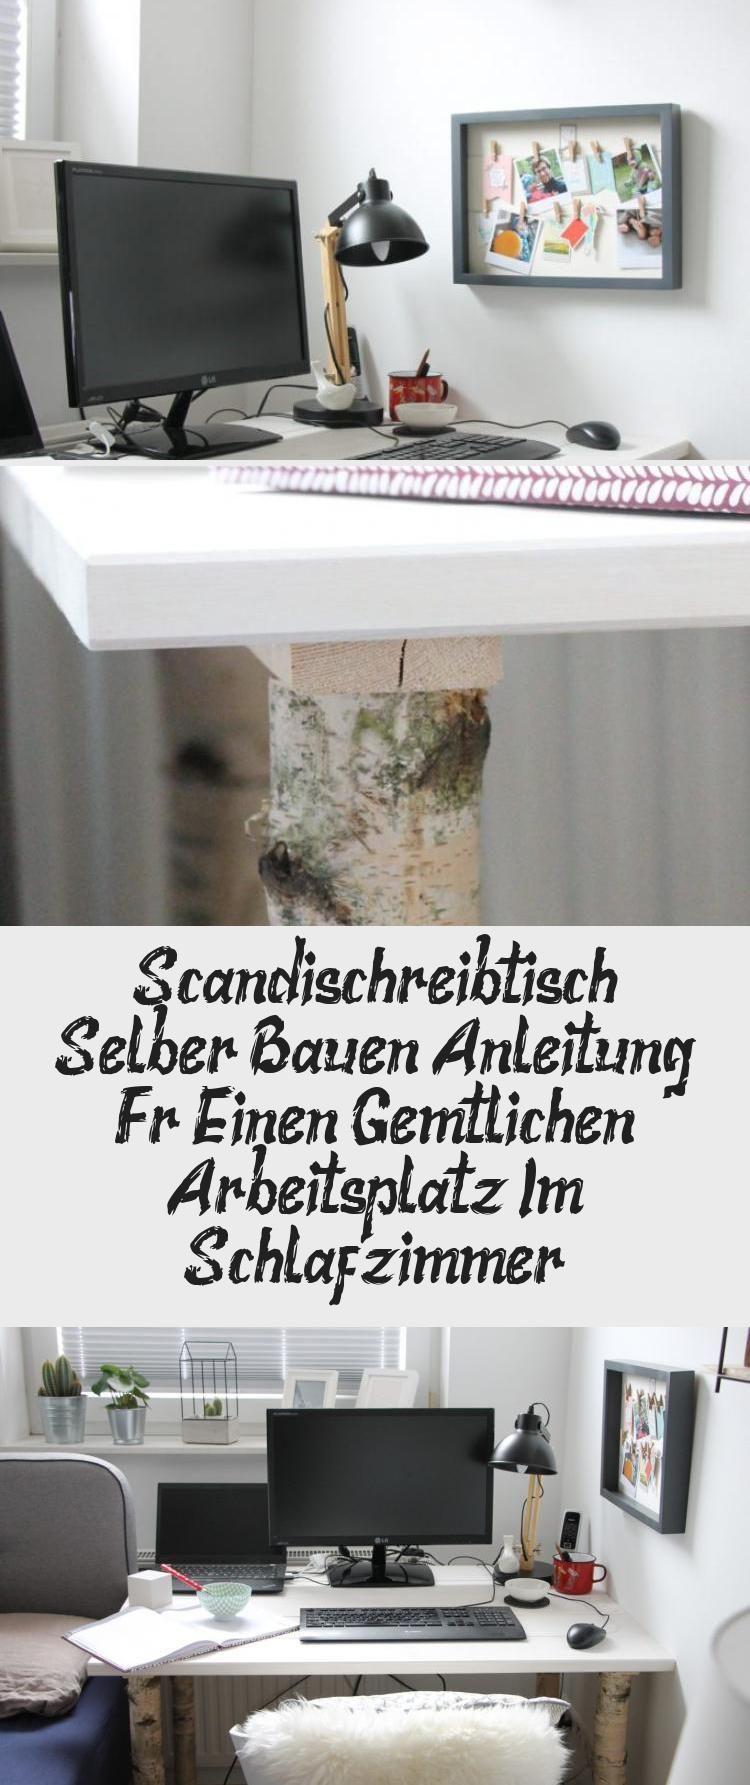 Scandi Schreibtisch Selber Bauen Anleitung Fur Einen Gemutlichen